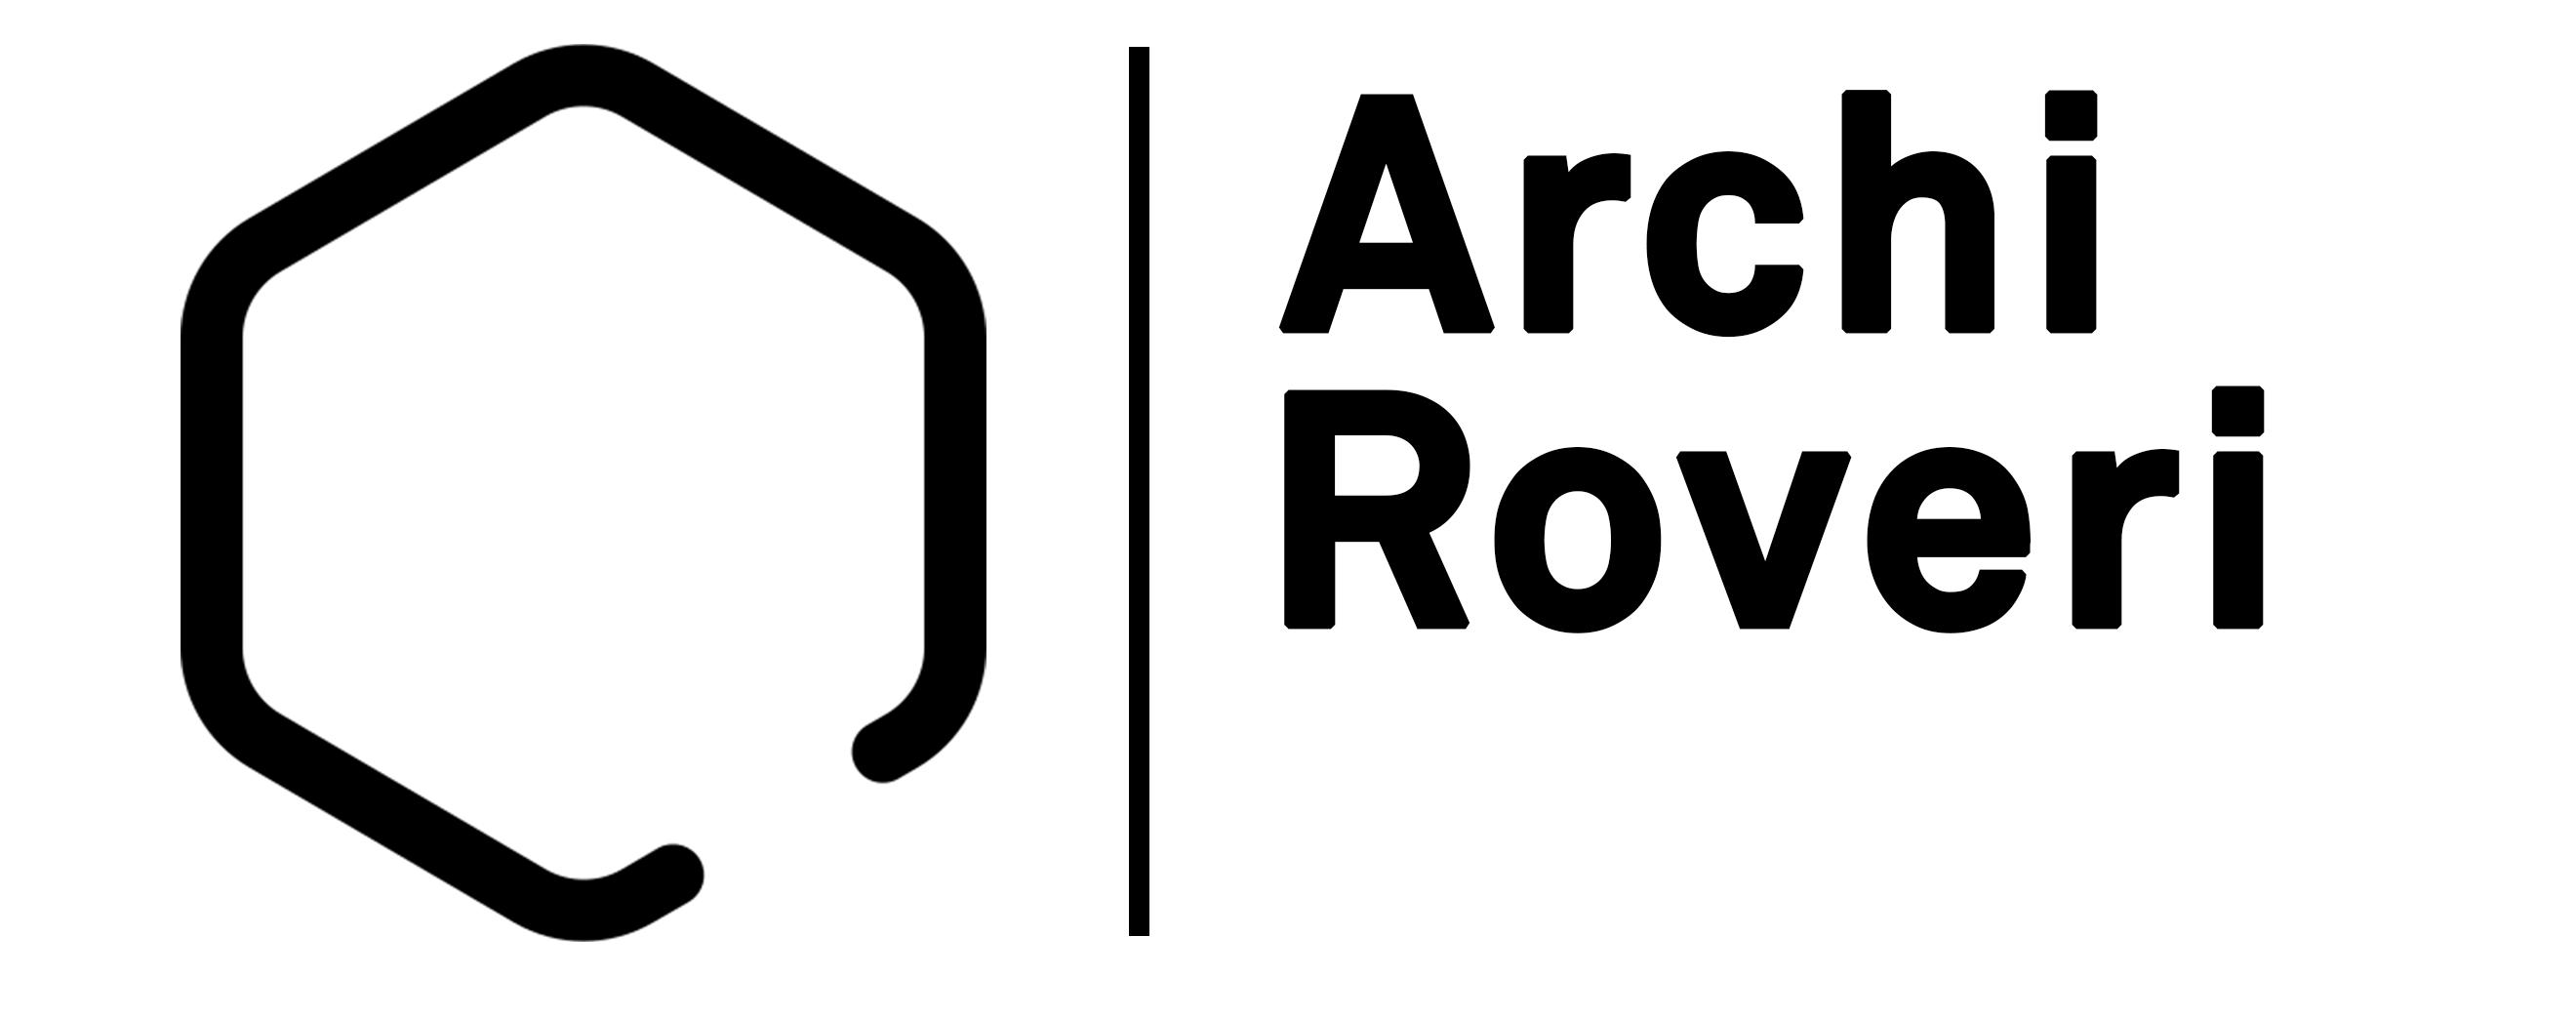 ArchiRoveri